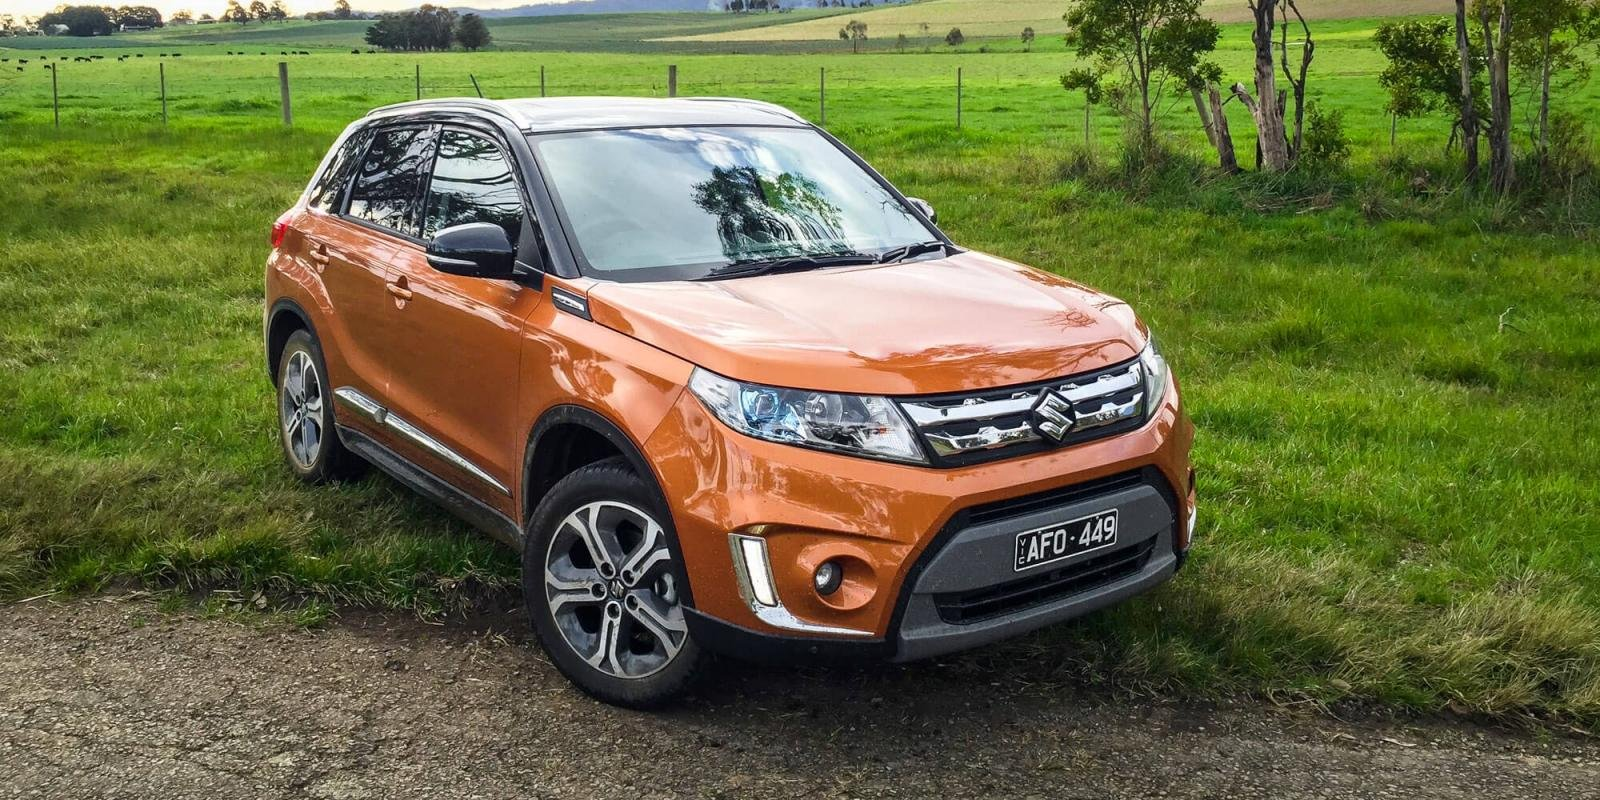 Giá xe Suzuki Vitara 2020 mới nhất